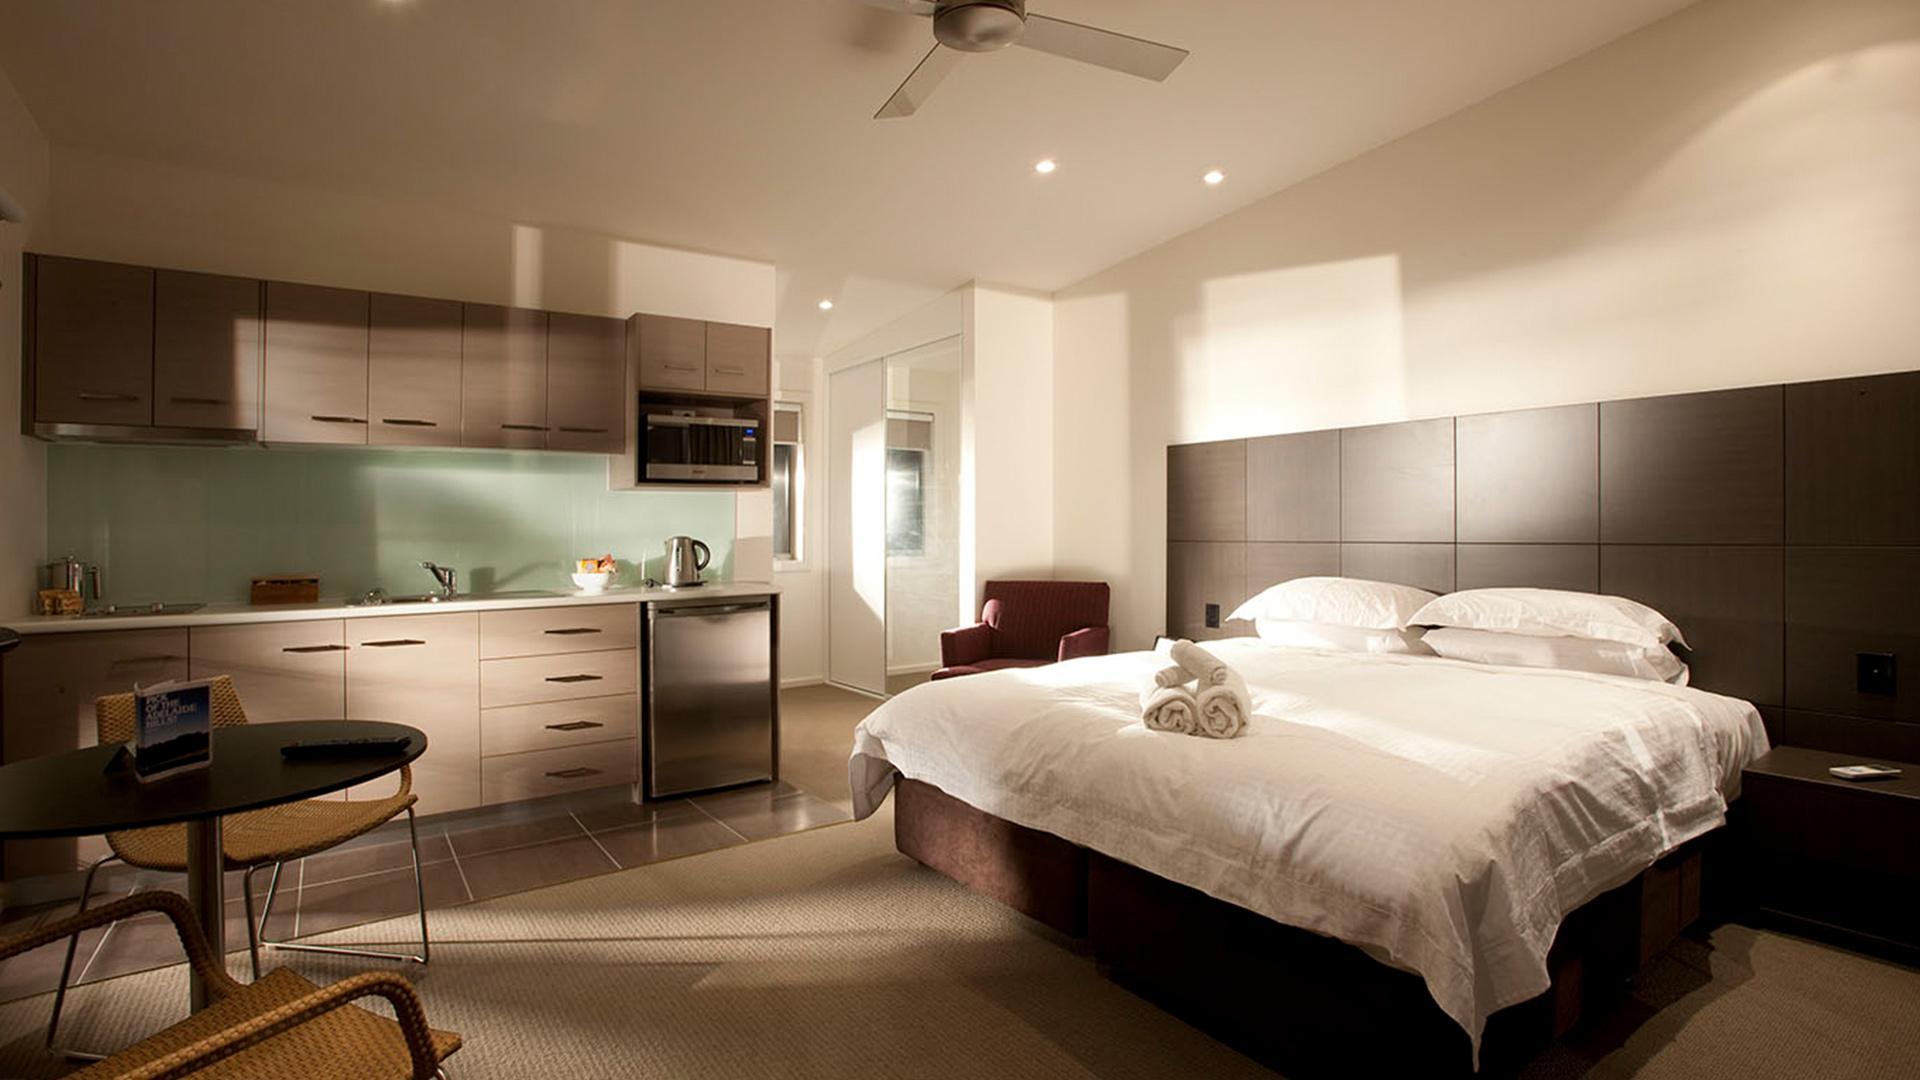 Longview Suite image 1 at Longview Vineyard by District Council of Mount Barker, South Australia, Australia